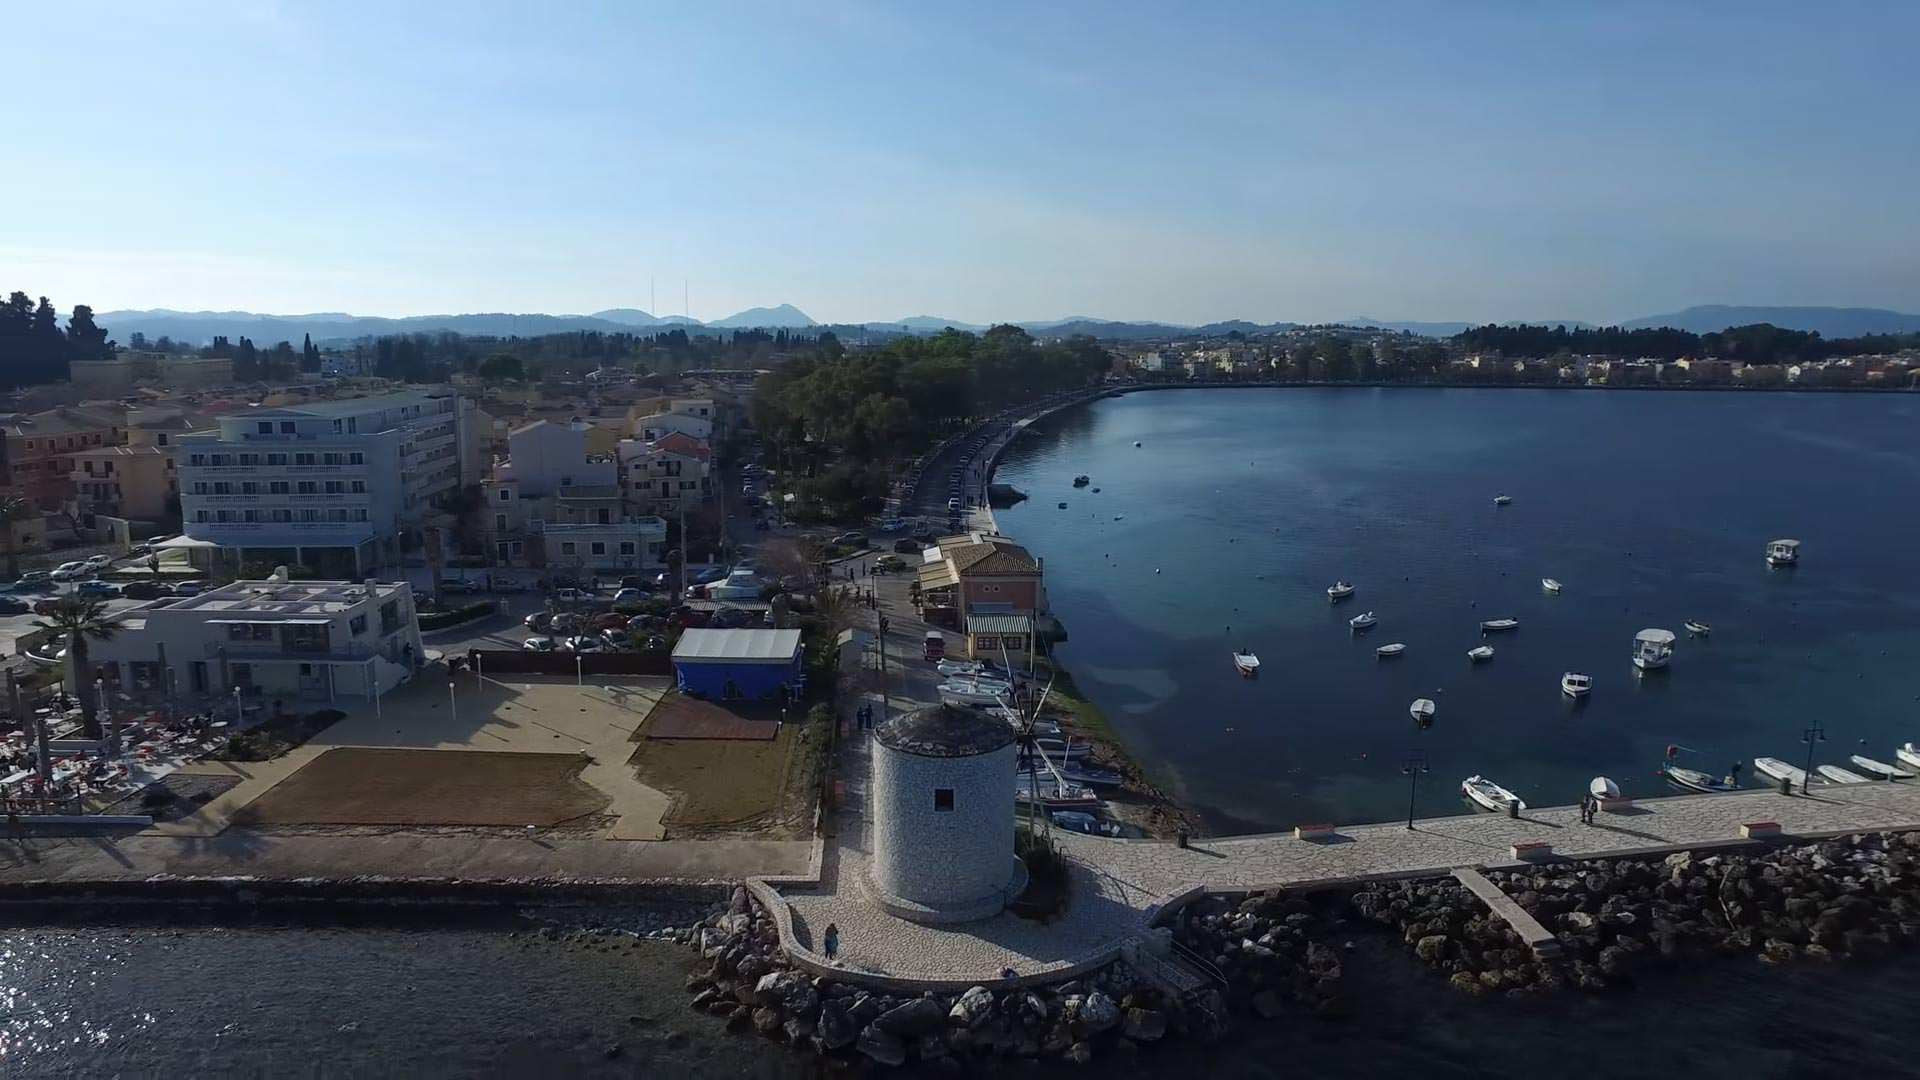 Flying over Anemomylos Garitsa in Corfu  atCorfucom